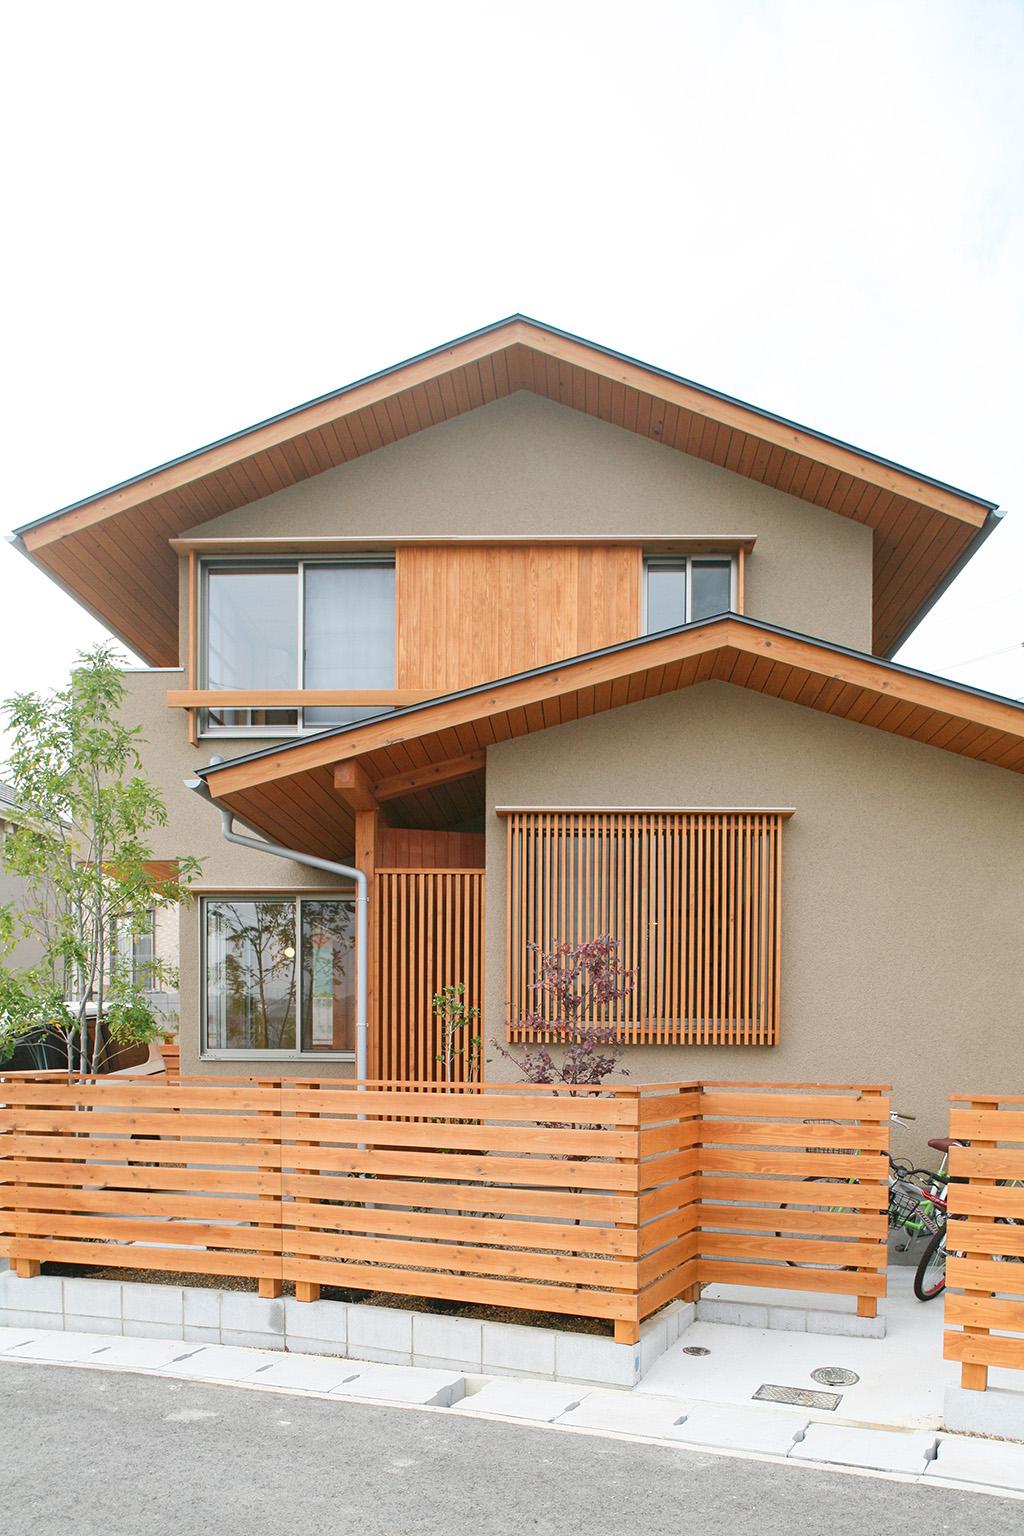 神戸市の木の家 日本の民家